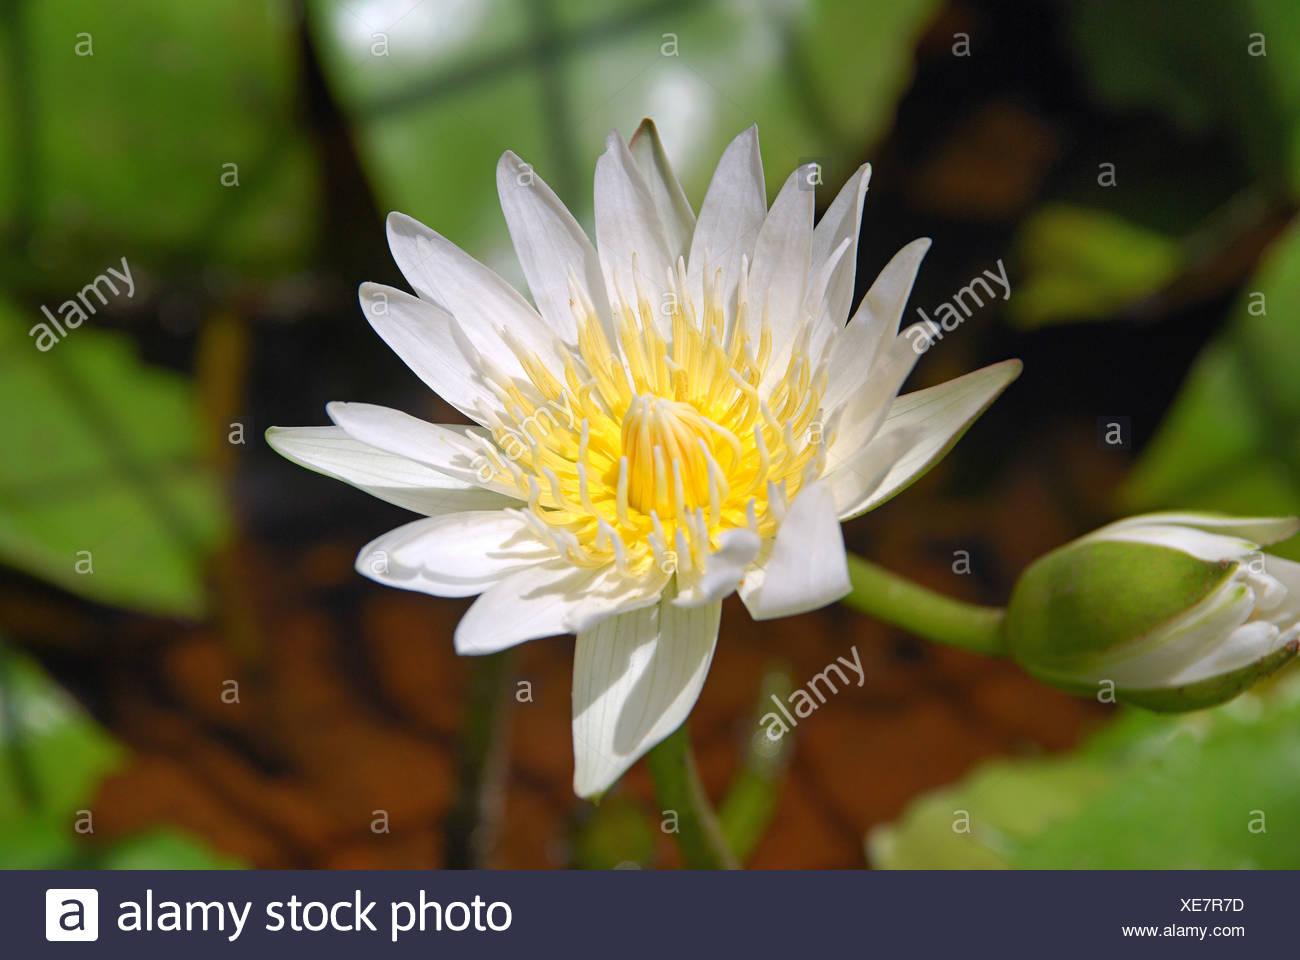 Loto Blanco O Nymphaea Lotus Flor De Loto Es La Flor Nacional De La